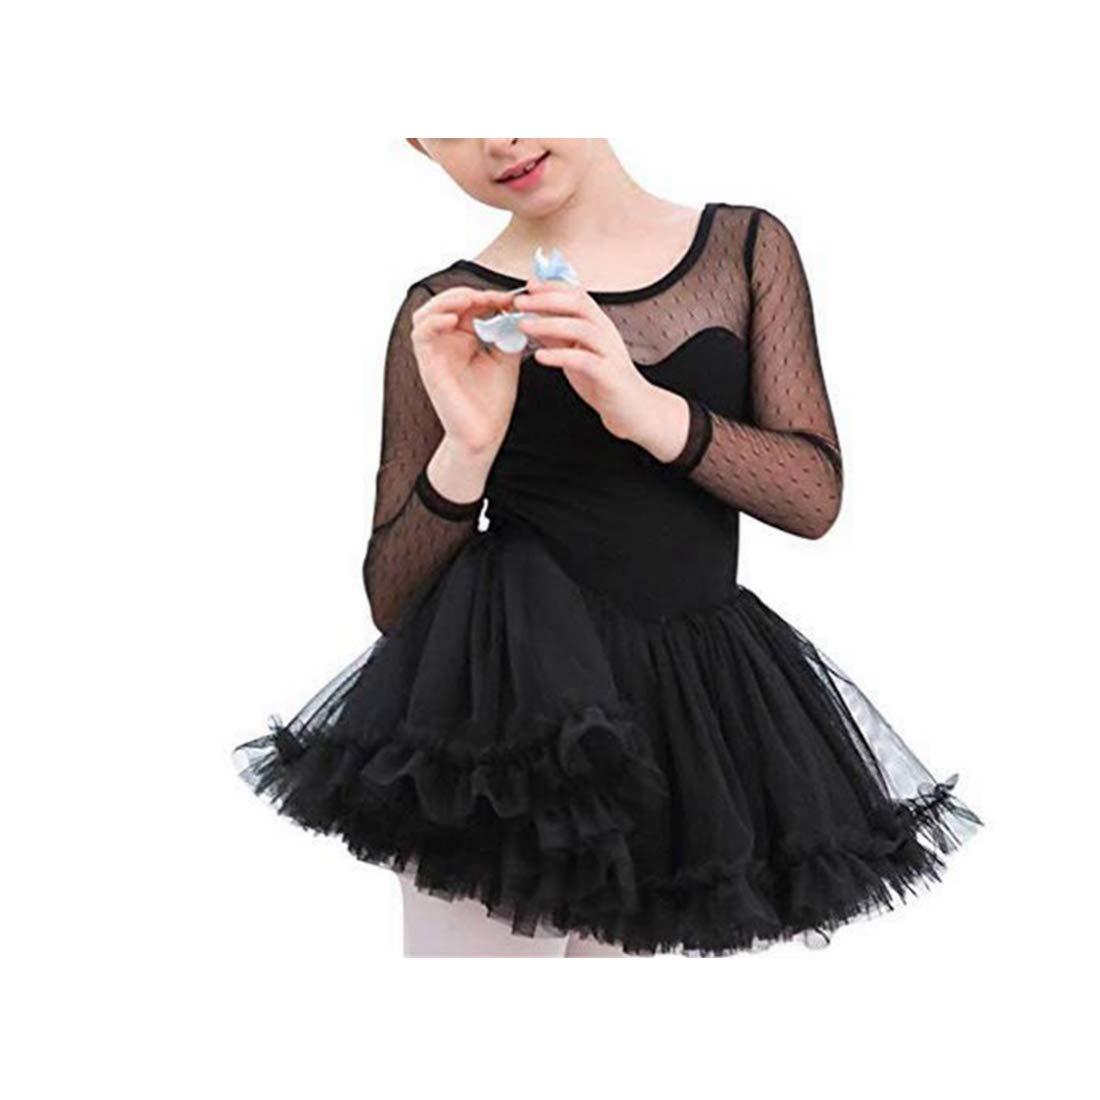 驚きの価格 Agoky 10 DRESS B07J9RNVQT ガールズ B07J9RNVQT ブラック ブラック 10, ワンバオ:718be348 --- a0267596.xsph.ru